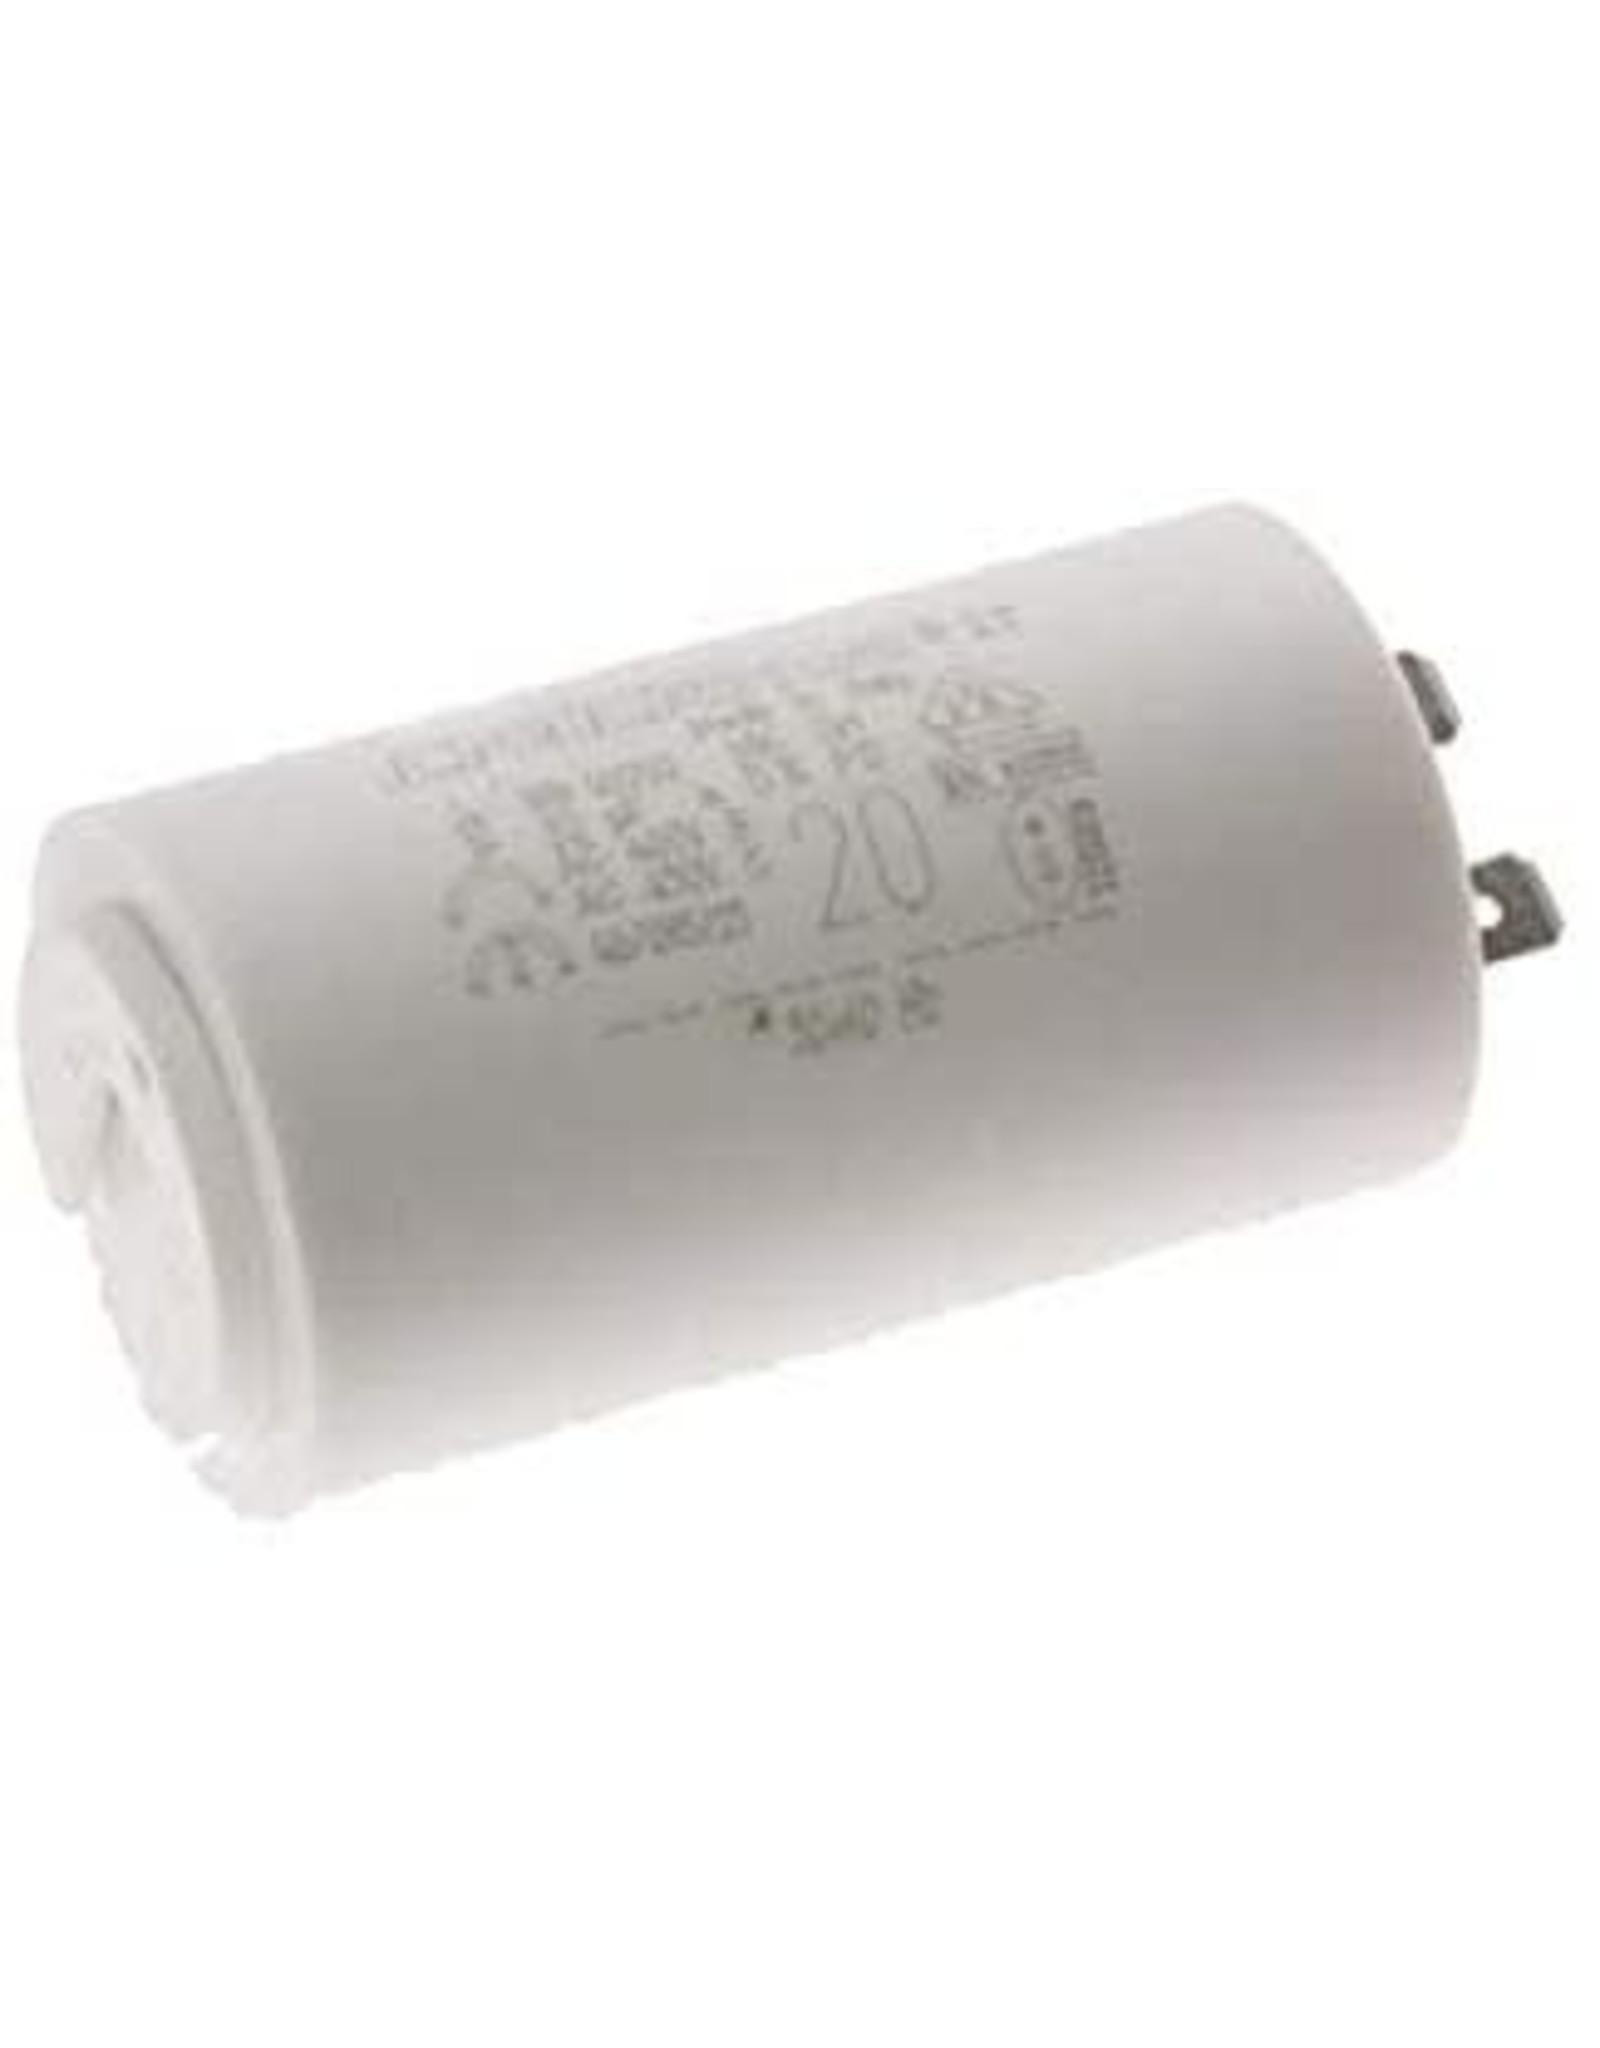 Karcher condensator 20MF